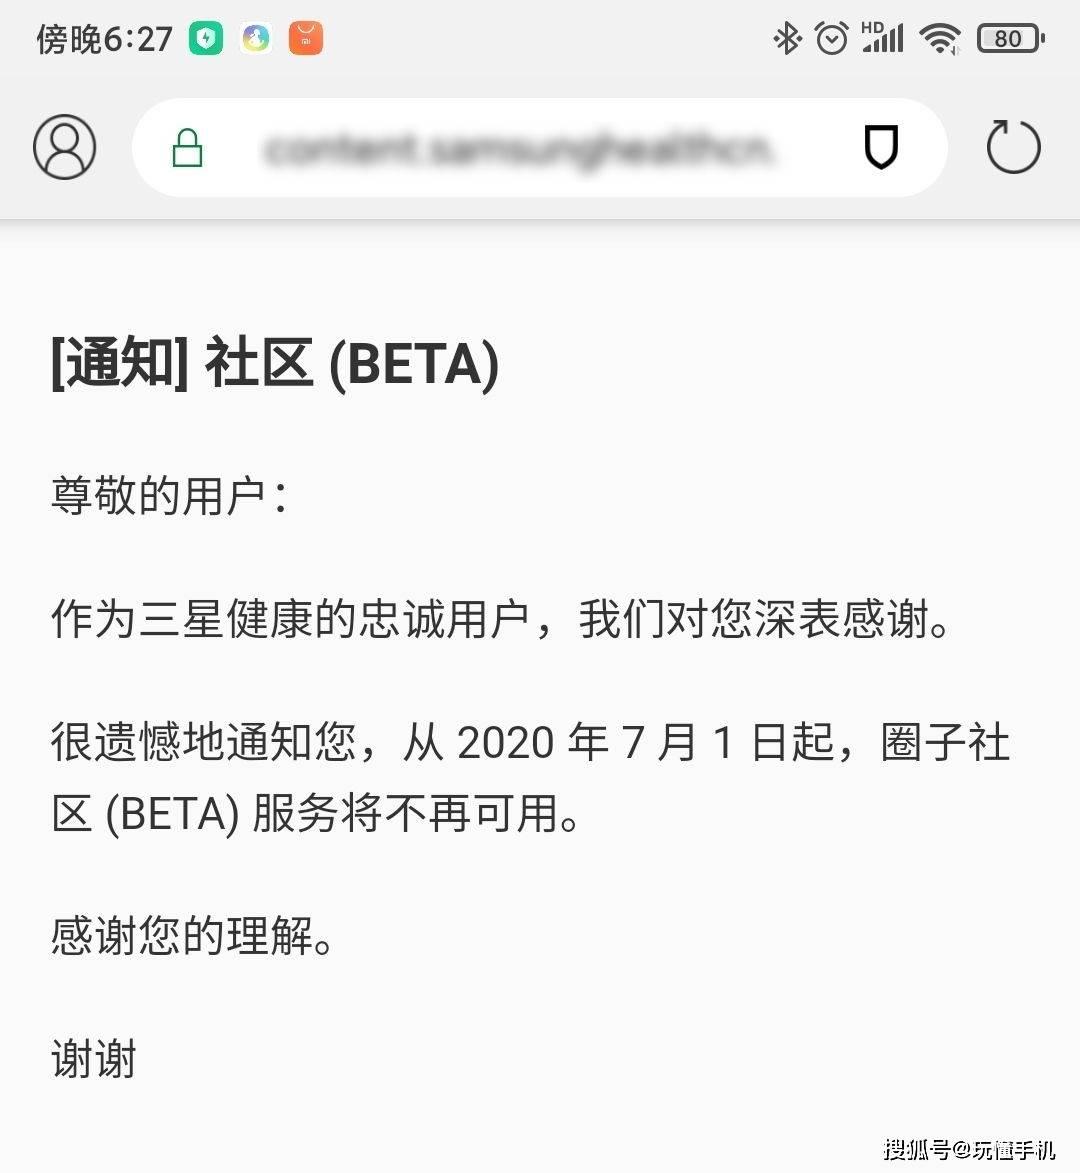 三星官方:健康社区(BETA)服务从7月1日起将不再可用